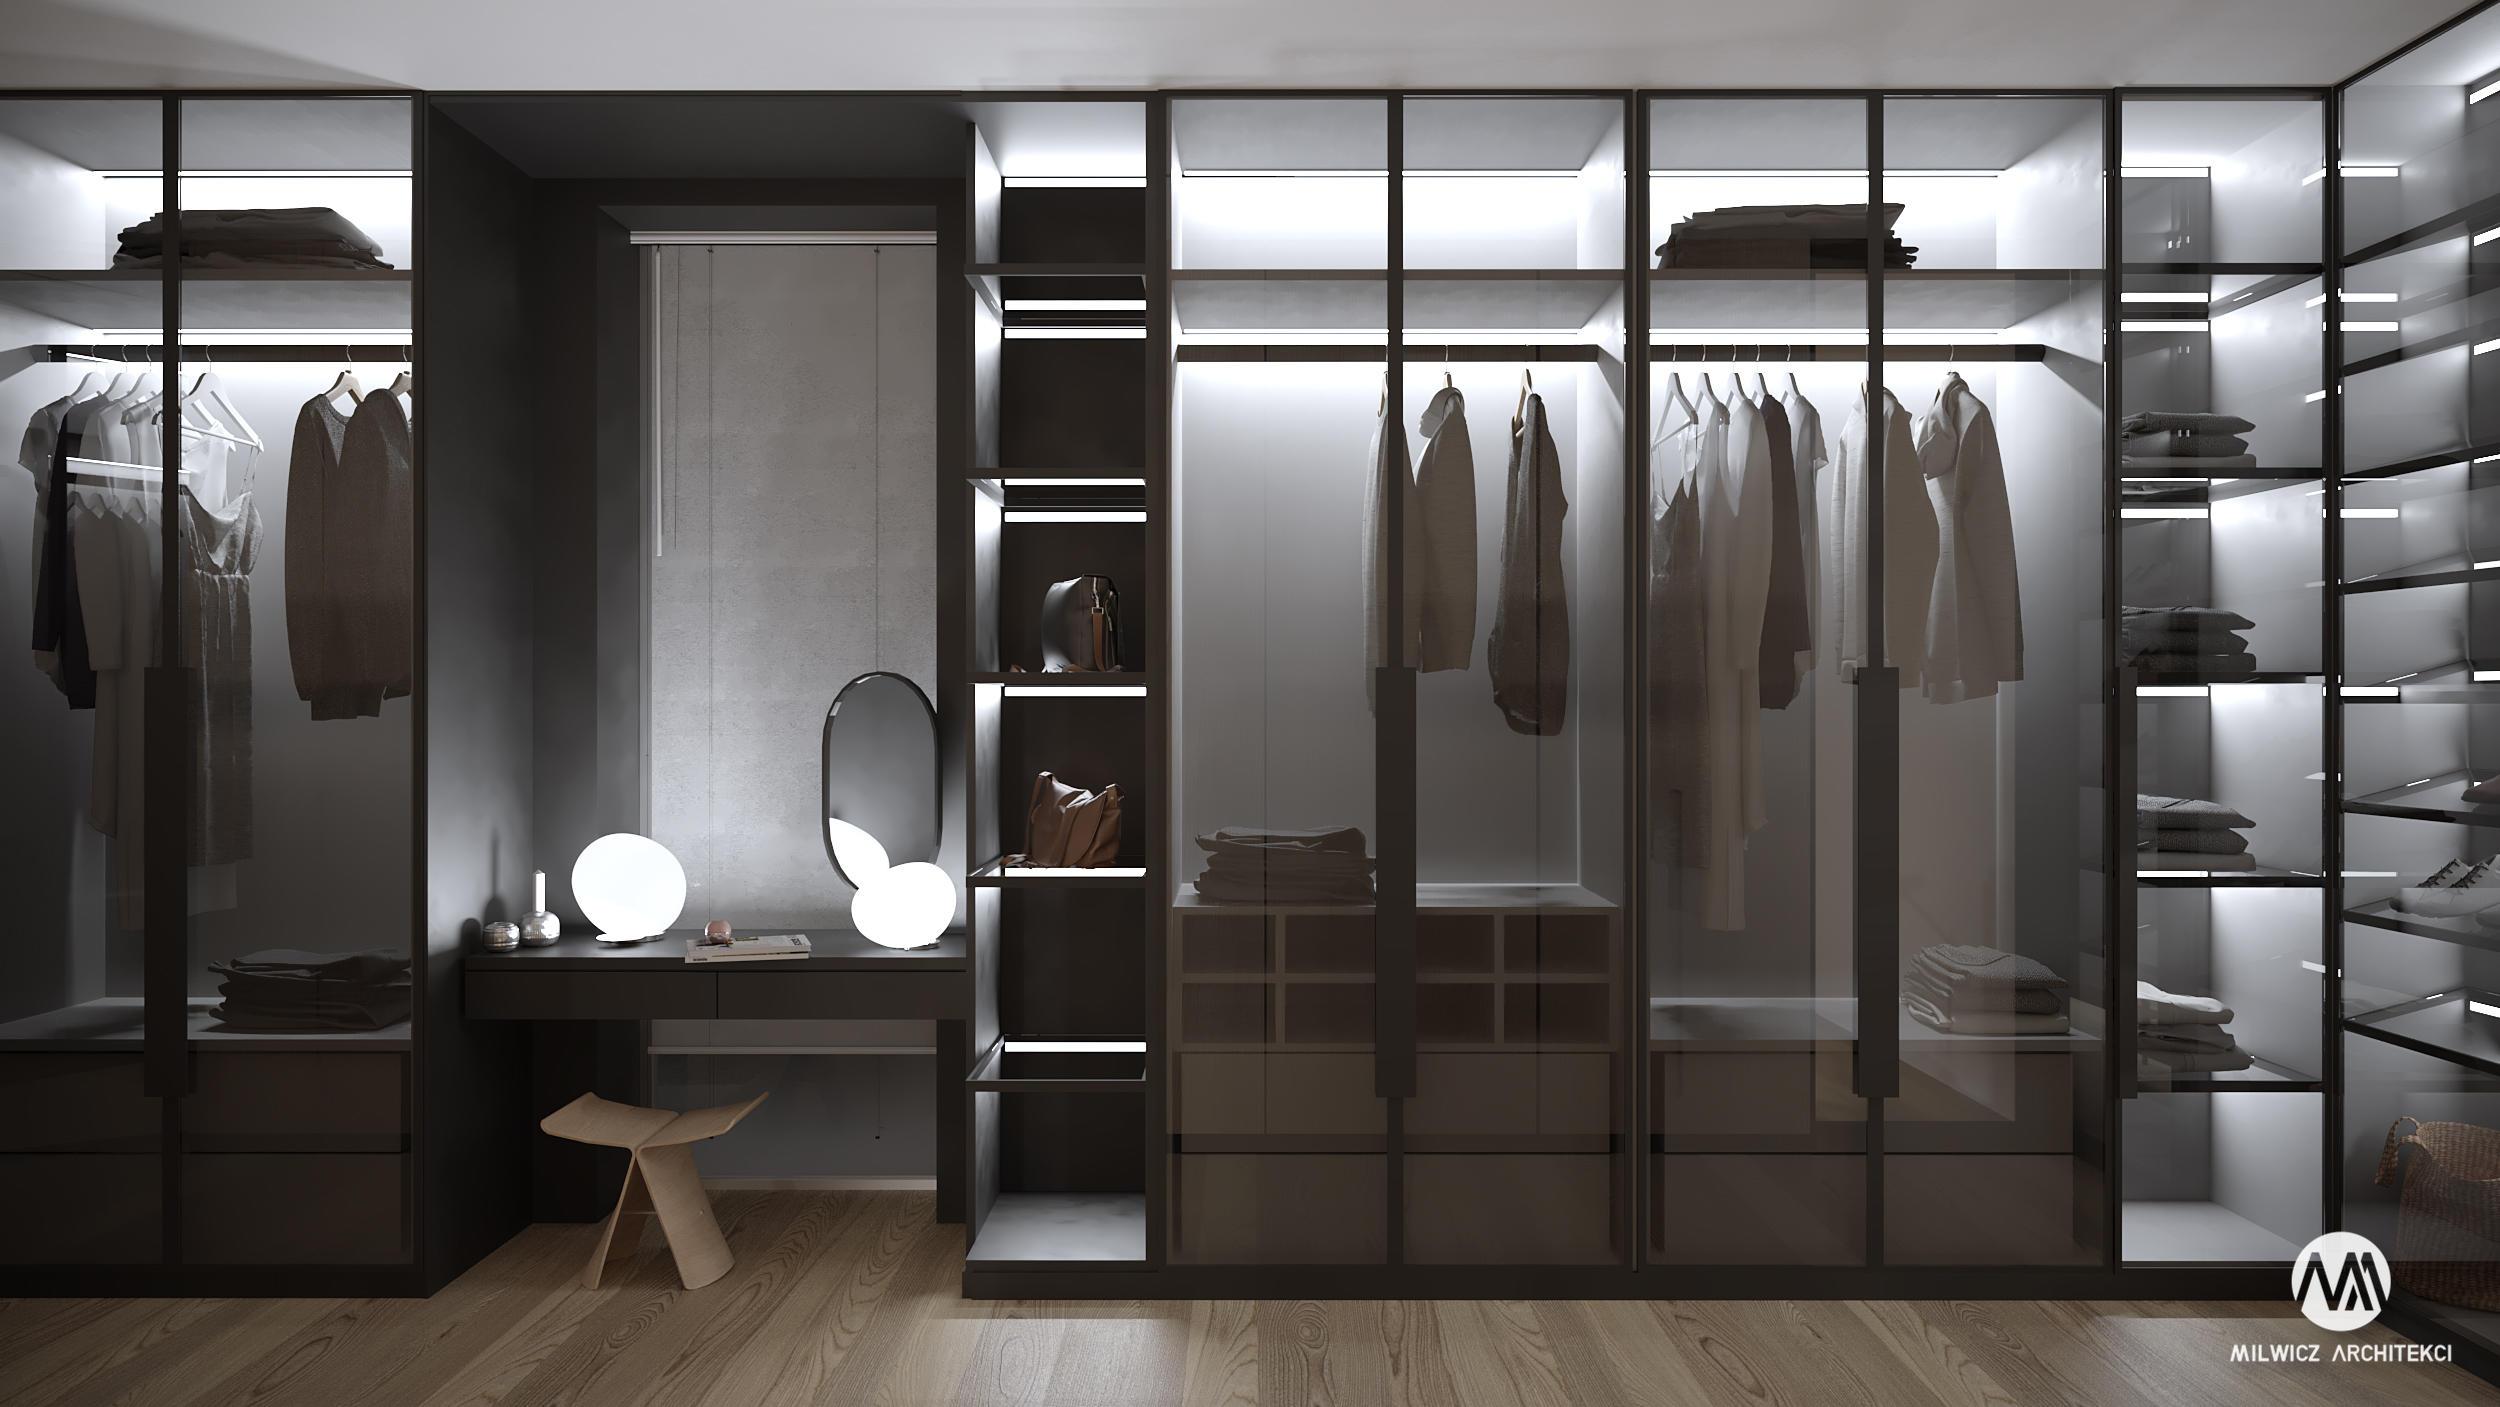 projekty indywidualne, projekty wnętrz, minimalizm, garderoba